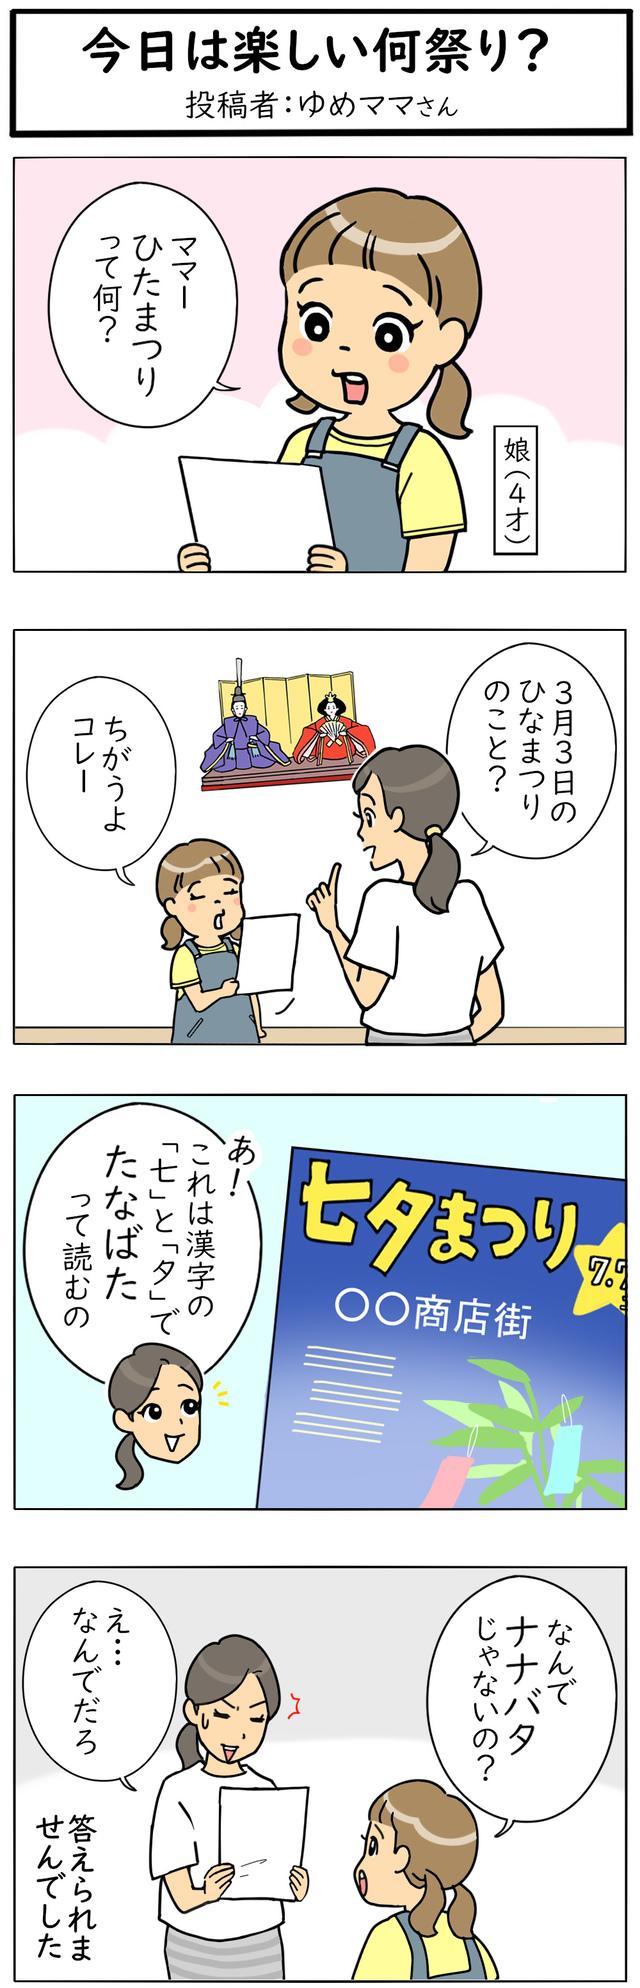 七夕4コママンガ